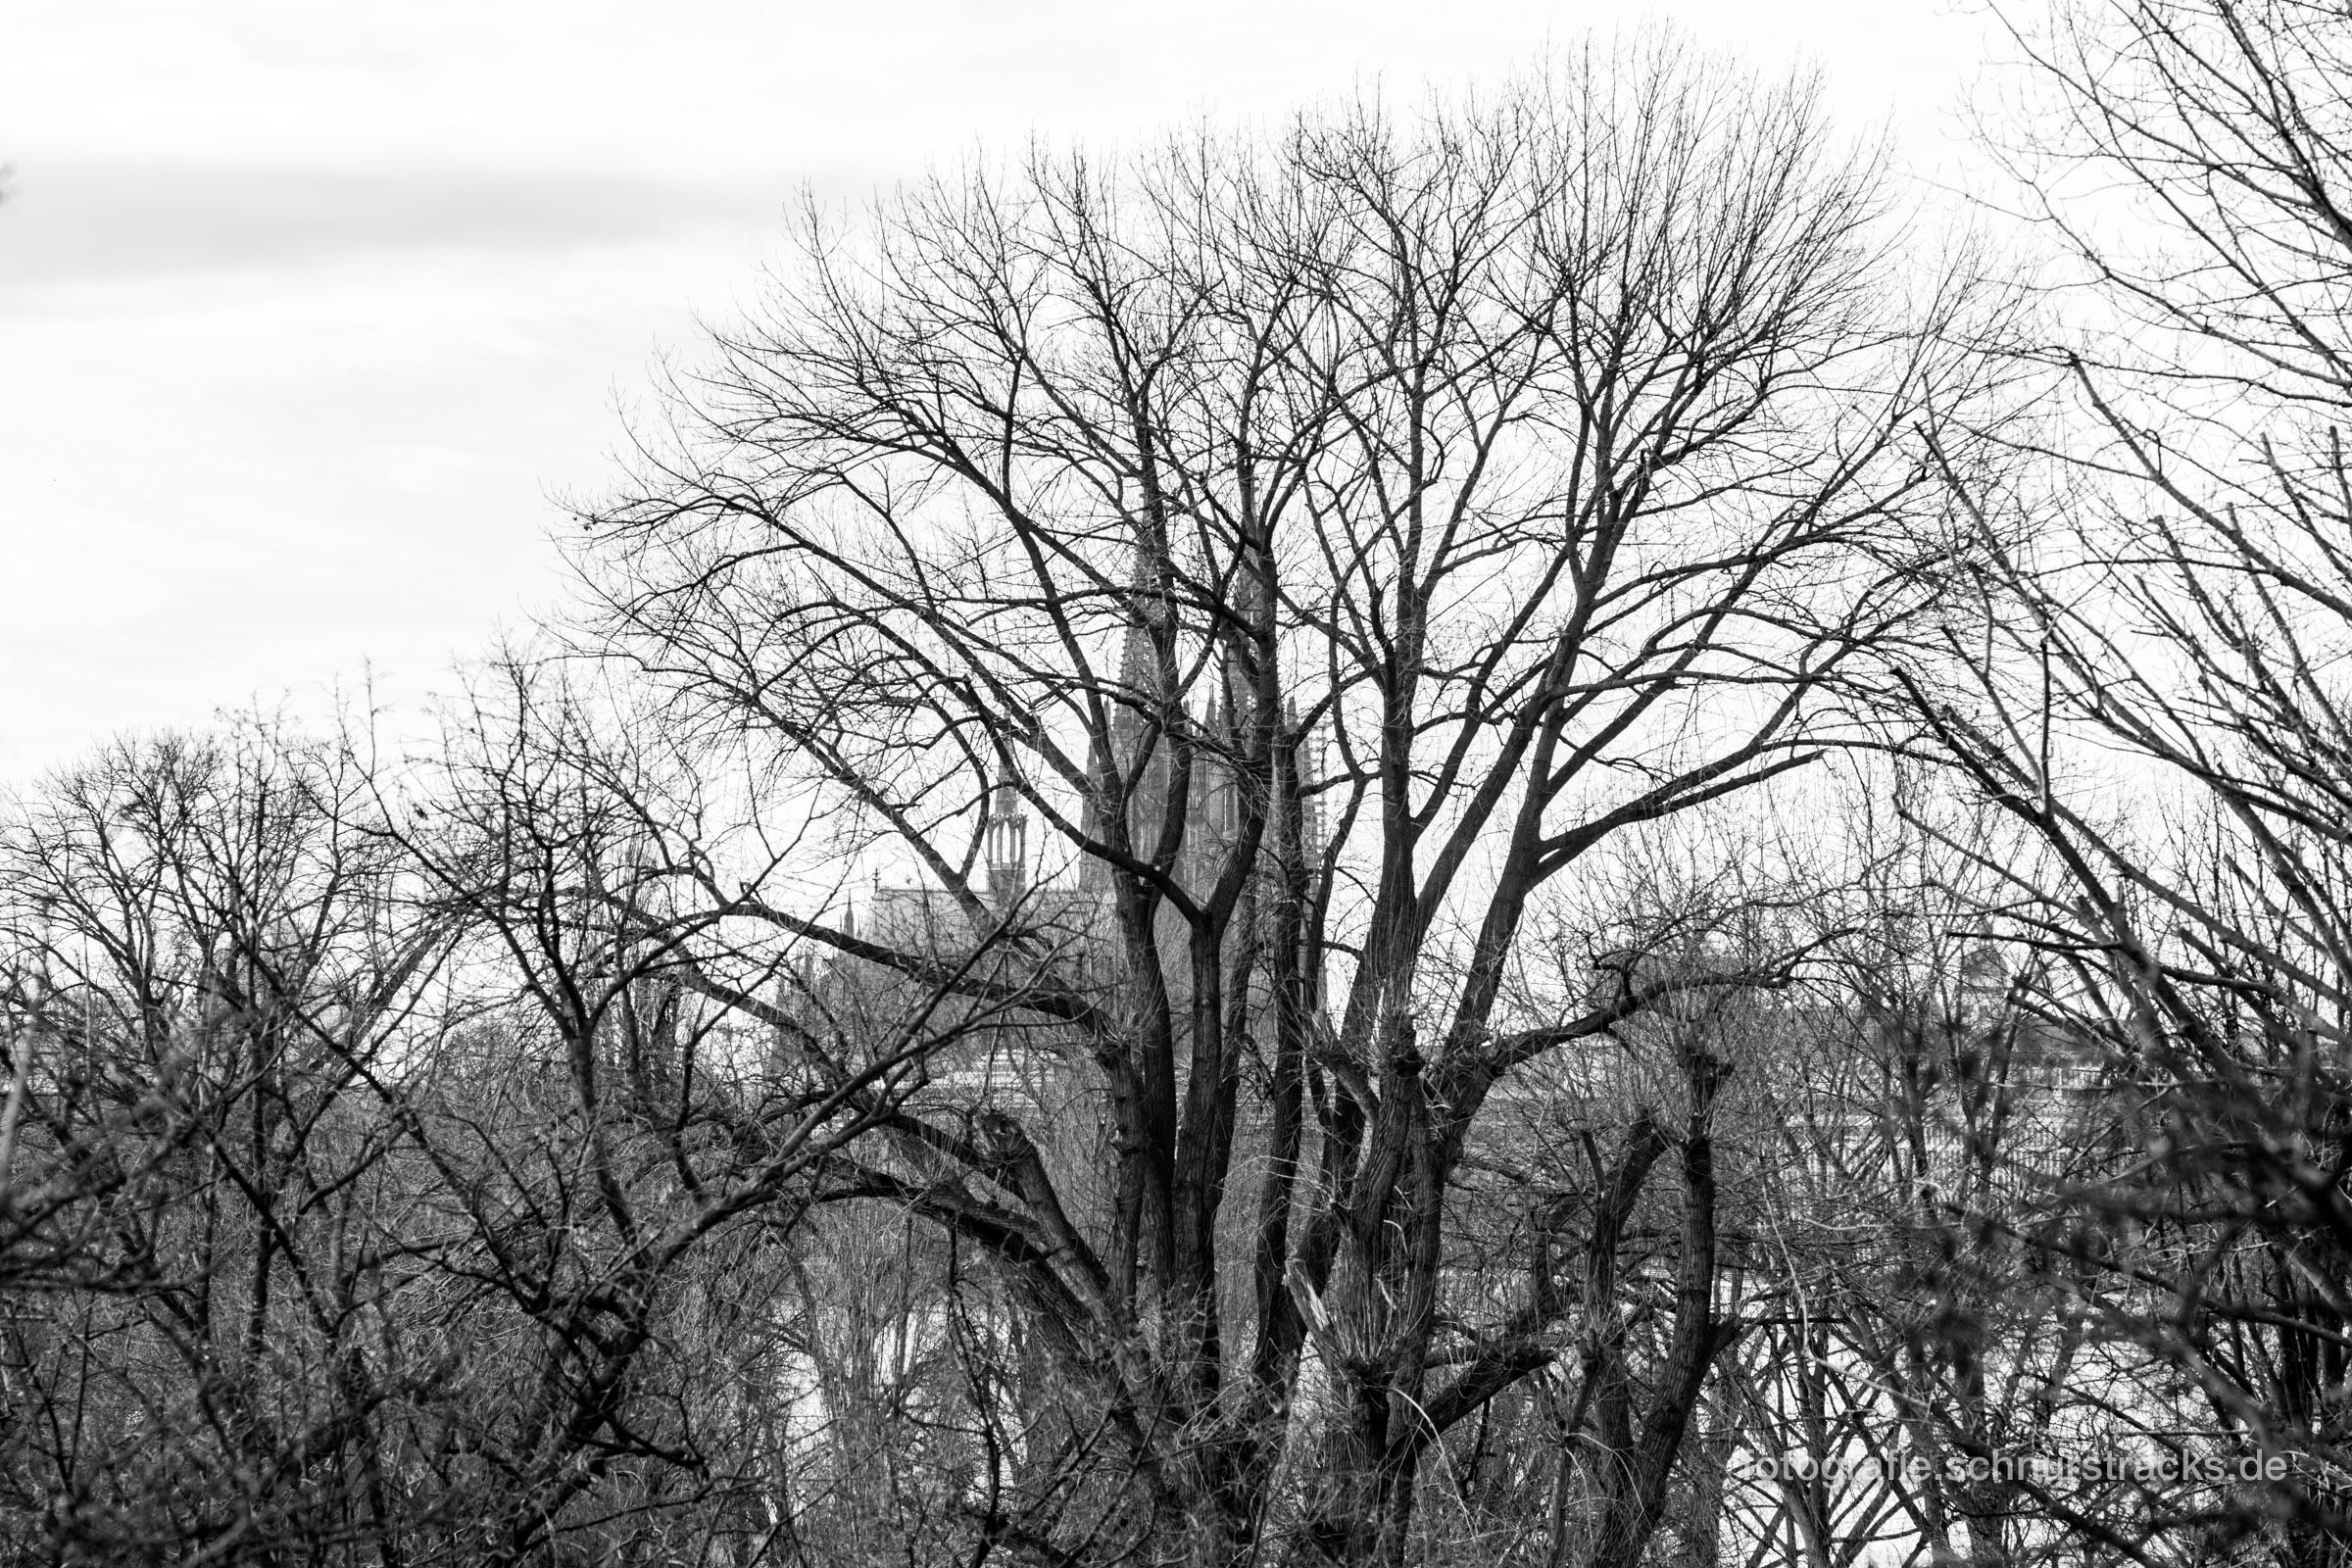 Kölner Dom hinter Bäumen des Rheinpark